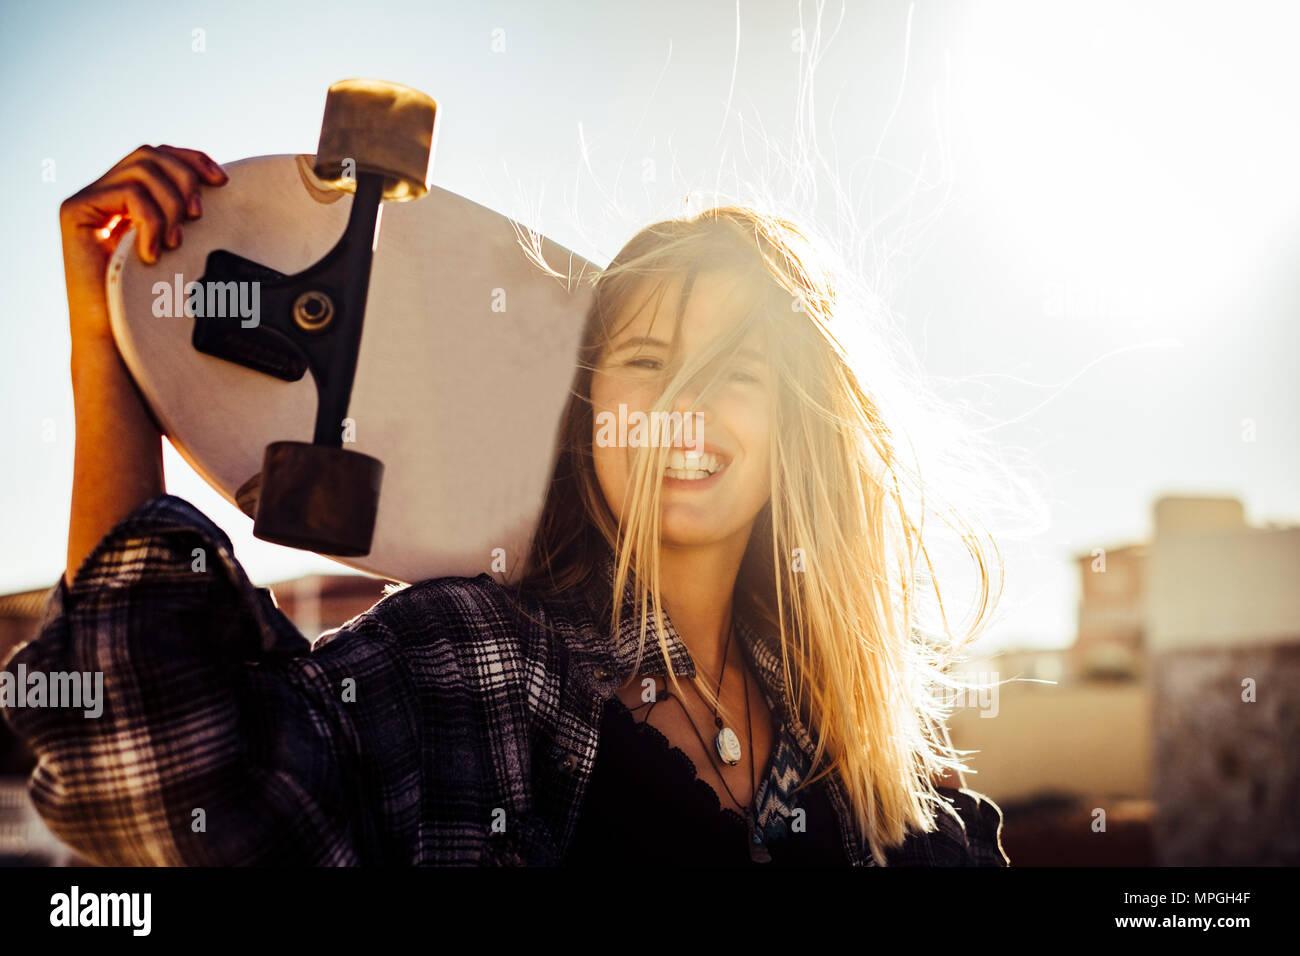 Bella bionda caucasiamo modello donna libera con uno skateboard nella retroilluminazione sole al tramonto. libertà e indipendenza il concetto della gioventù in Tenerife. Capelli su Immagini Stock